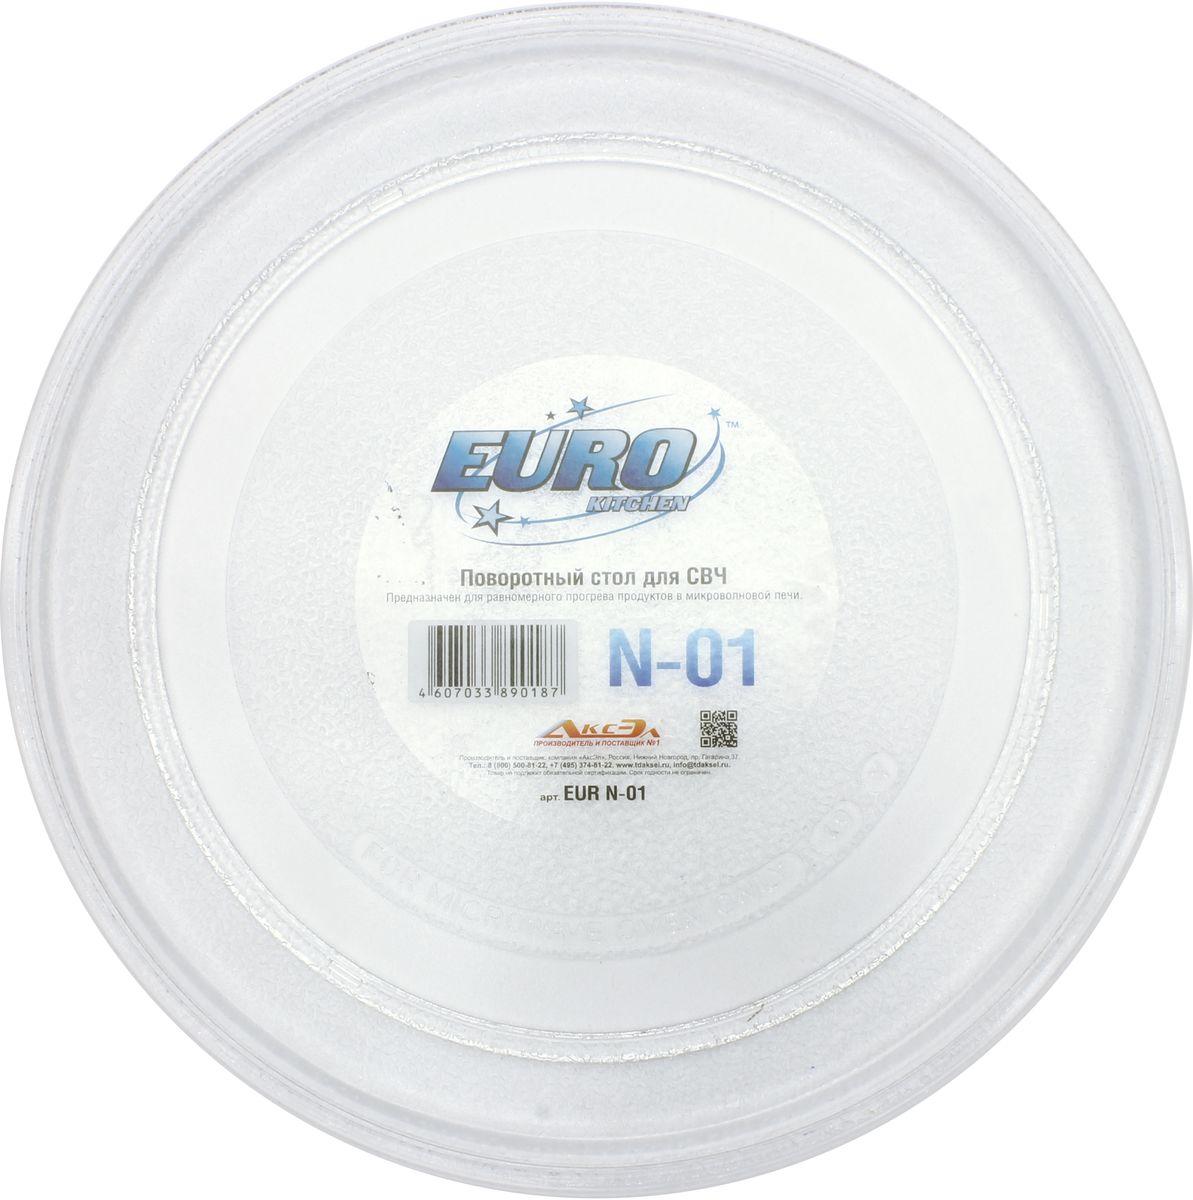 Euro Kitchen N-01 тарелка для СВЧ